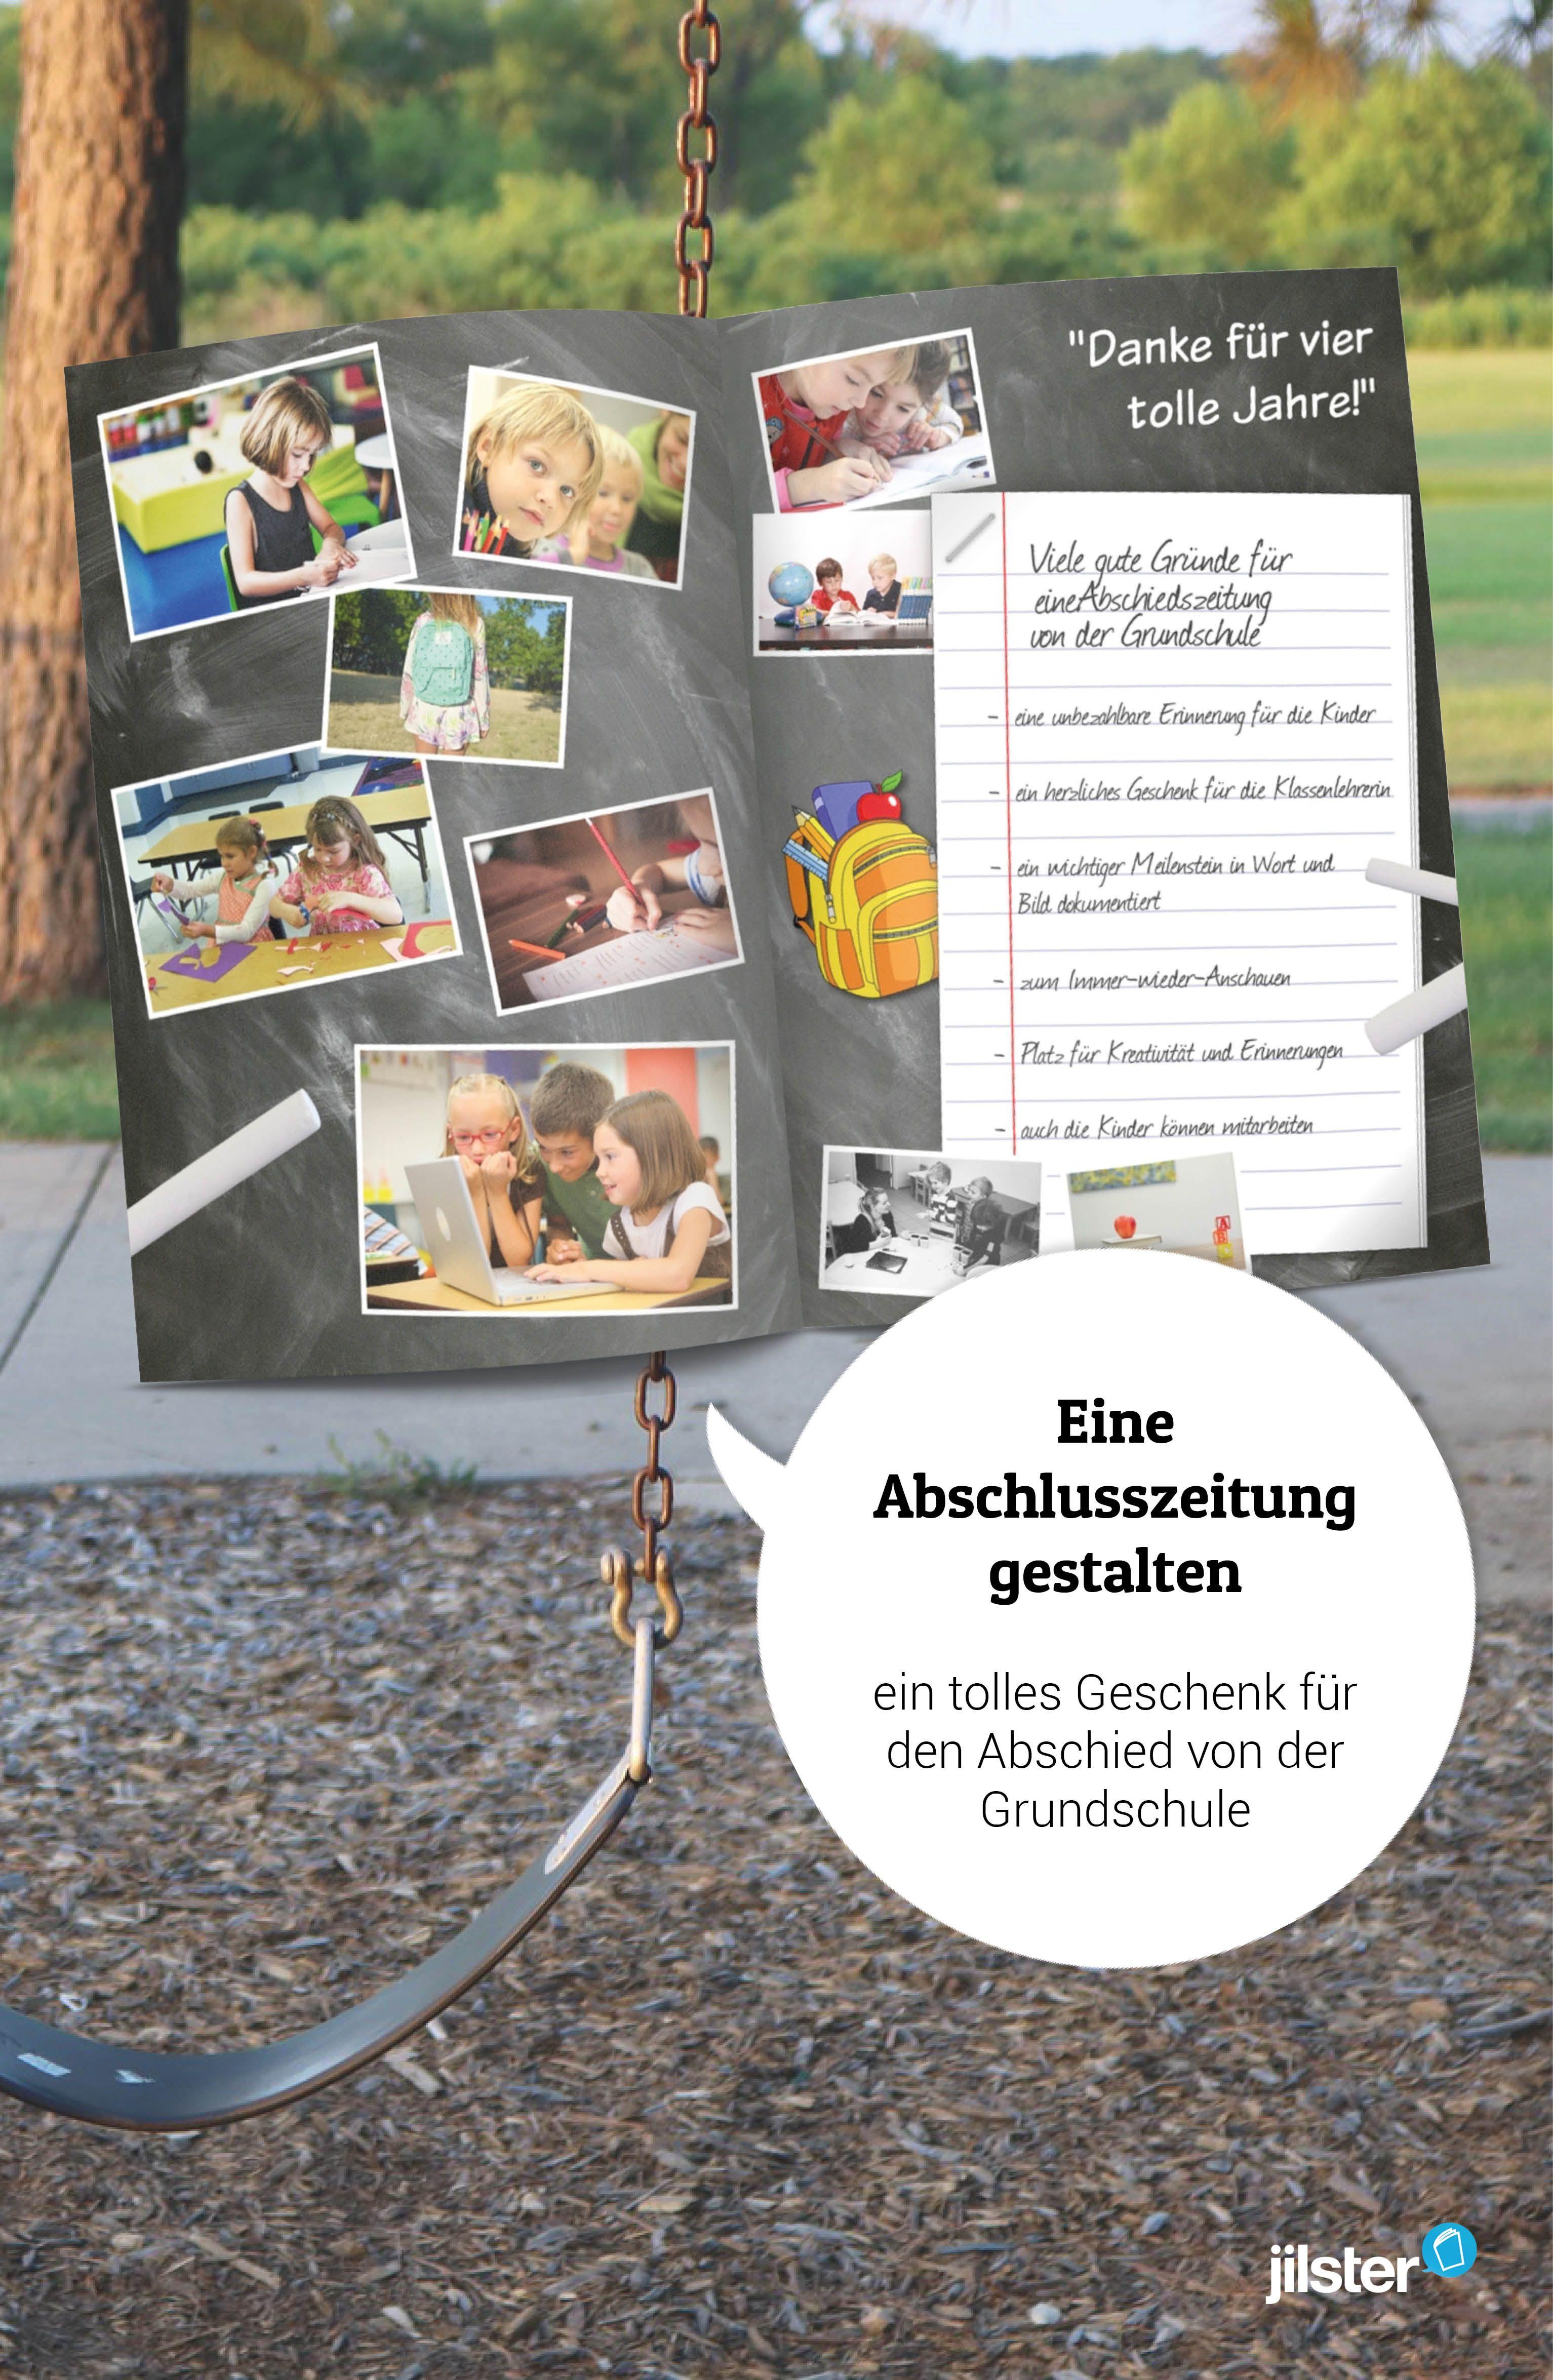 Abschiedsgeschenk Grundschule Geschenke Zum Abschied